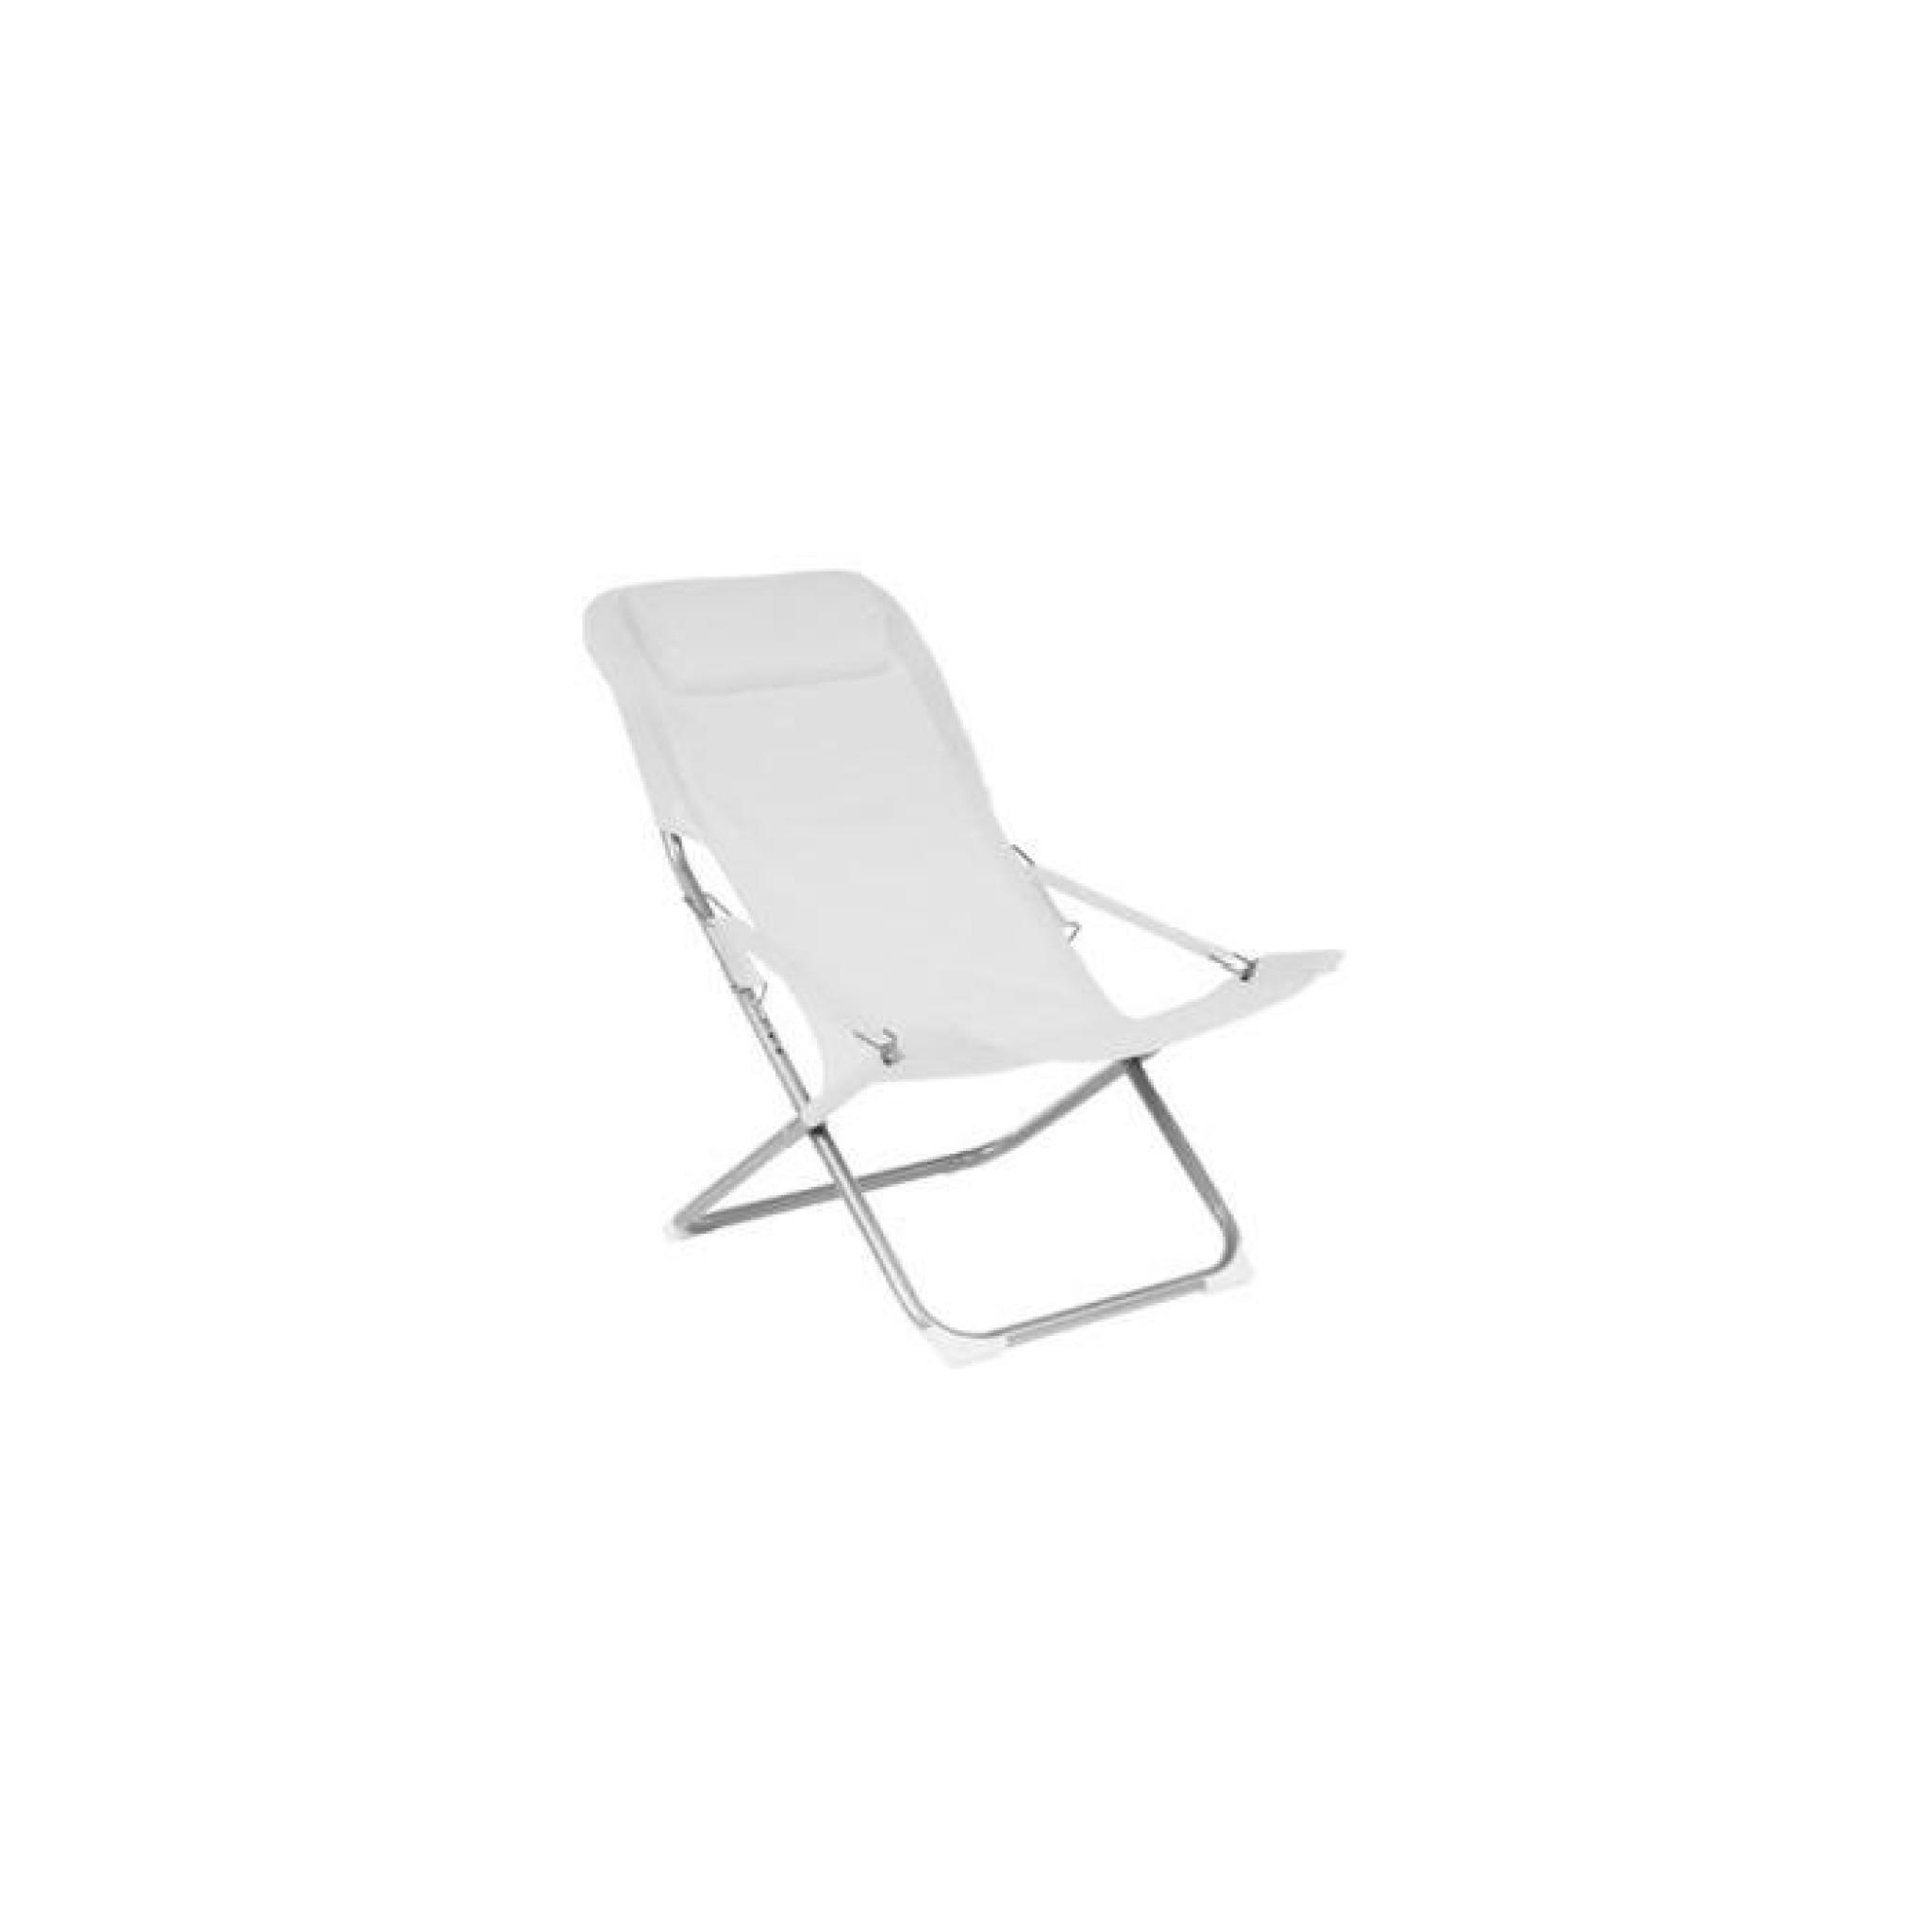 Relax noum a blanc lot de 2 longueur 88cm achat for Transat de jardin pas cher